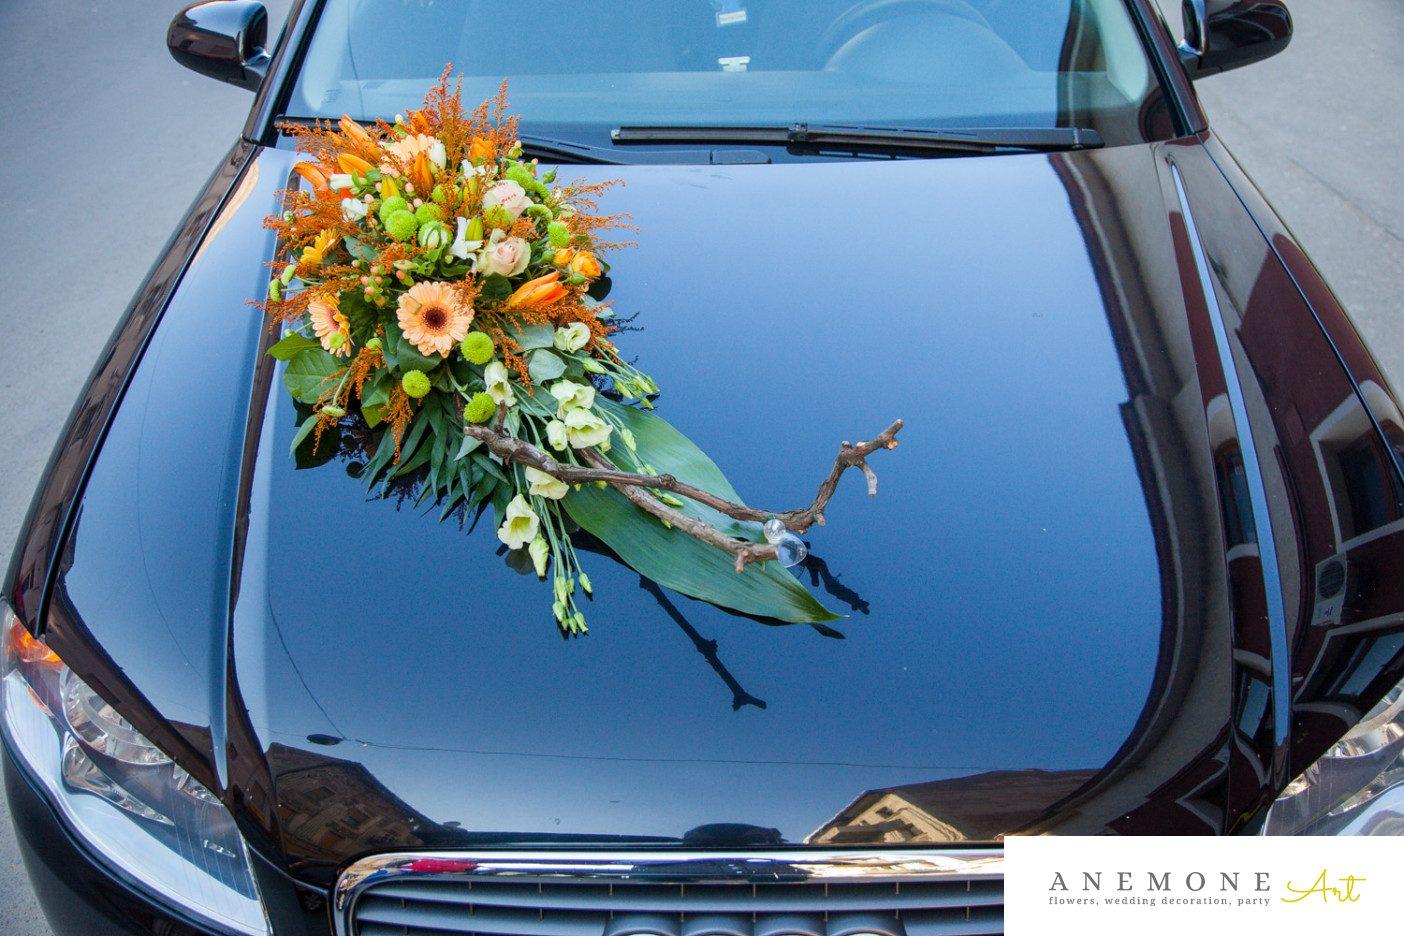 Poza, foto cu Flori de nunta asimetric, crengi, decor masina, piersica, portocaliu, rustic in Arad, Timisoara, Oradea (wedding flowers, bouquets) nunta Arad, Timisoara, Oradea